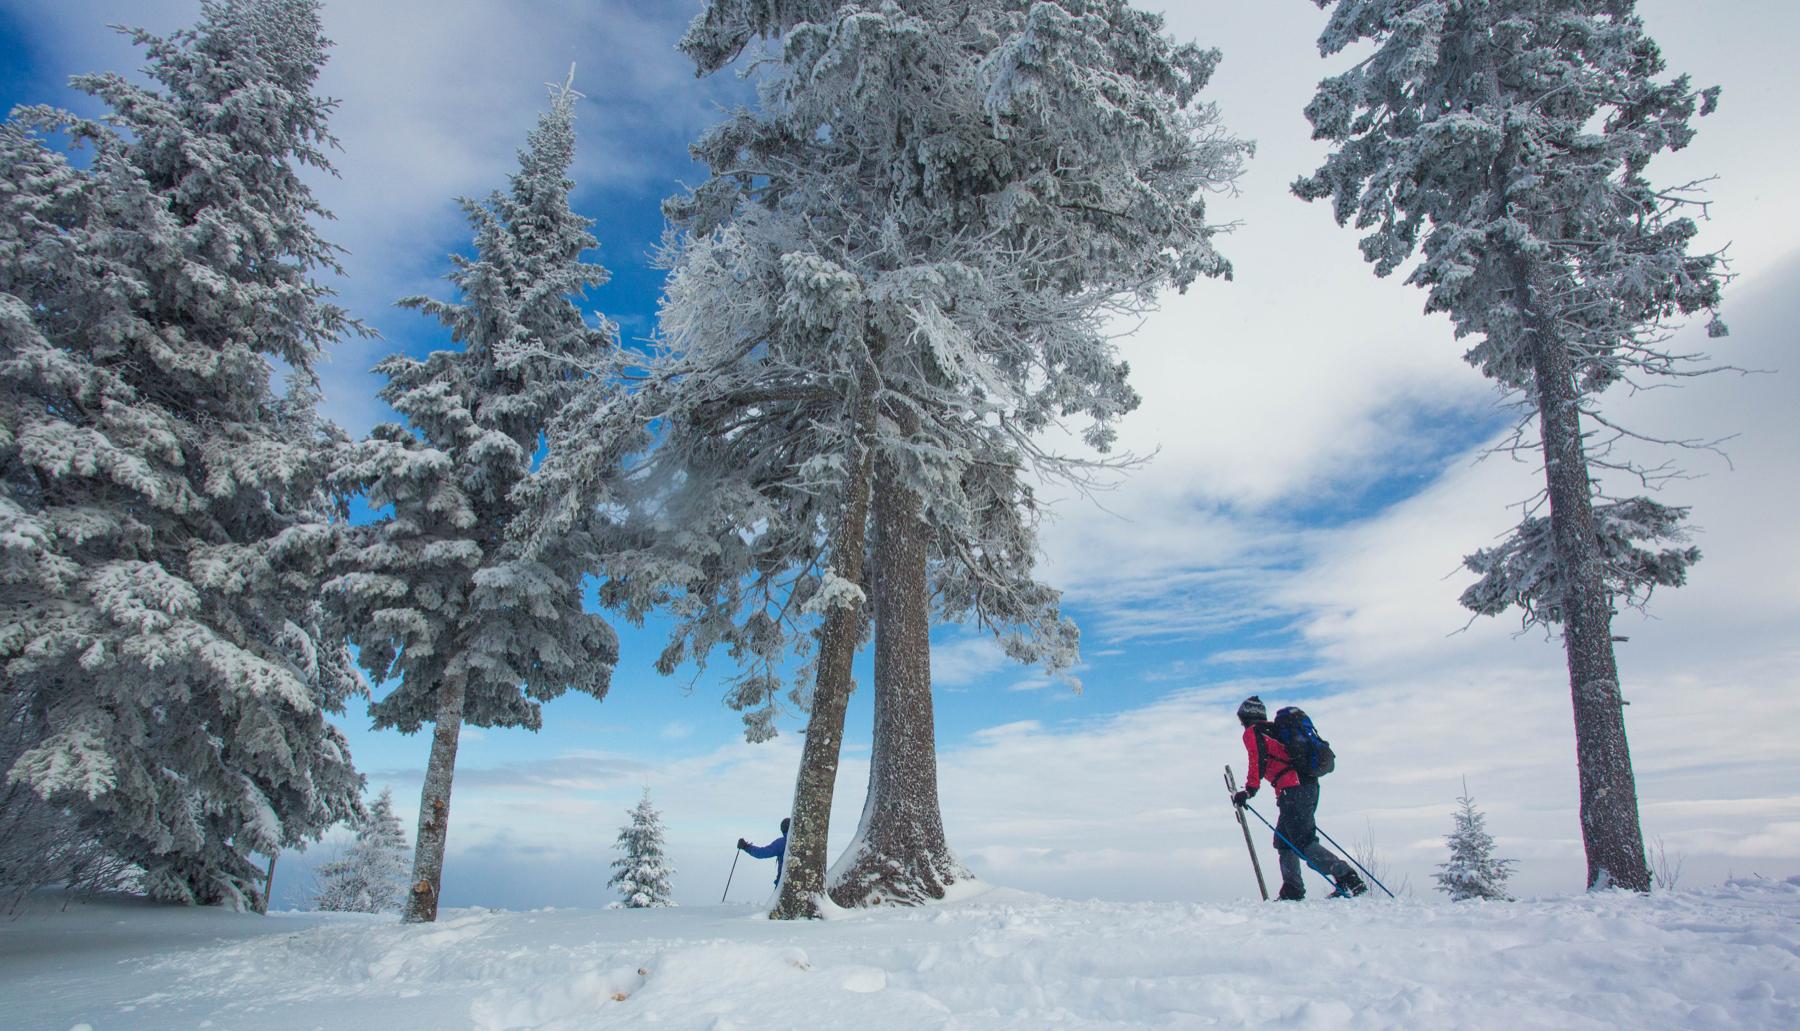 parc-montagne-du-diable-activités-hiver-ski-09